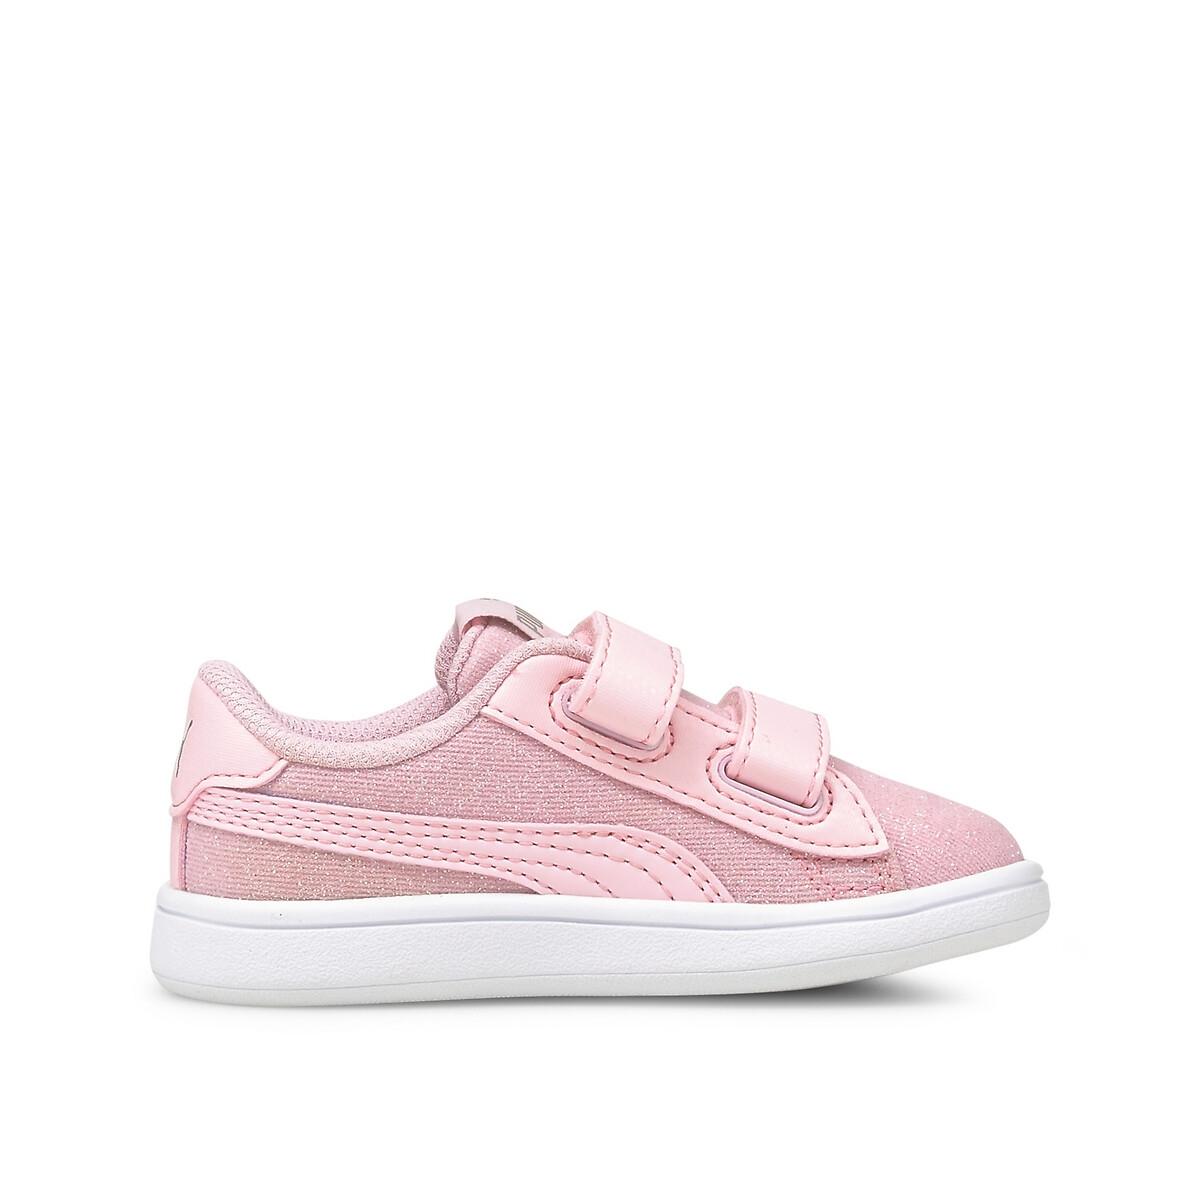 Puma Smash V2 Glitz Glam V Inf sneakers roze online kopen